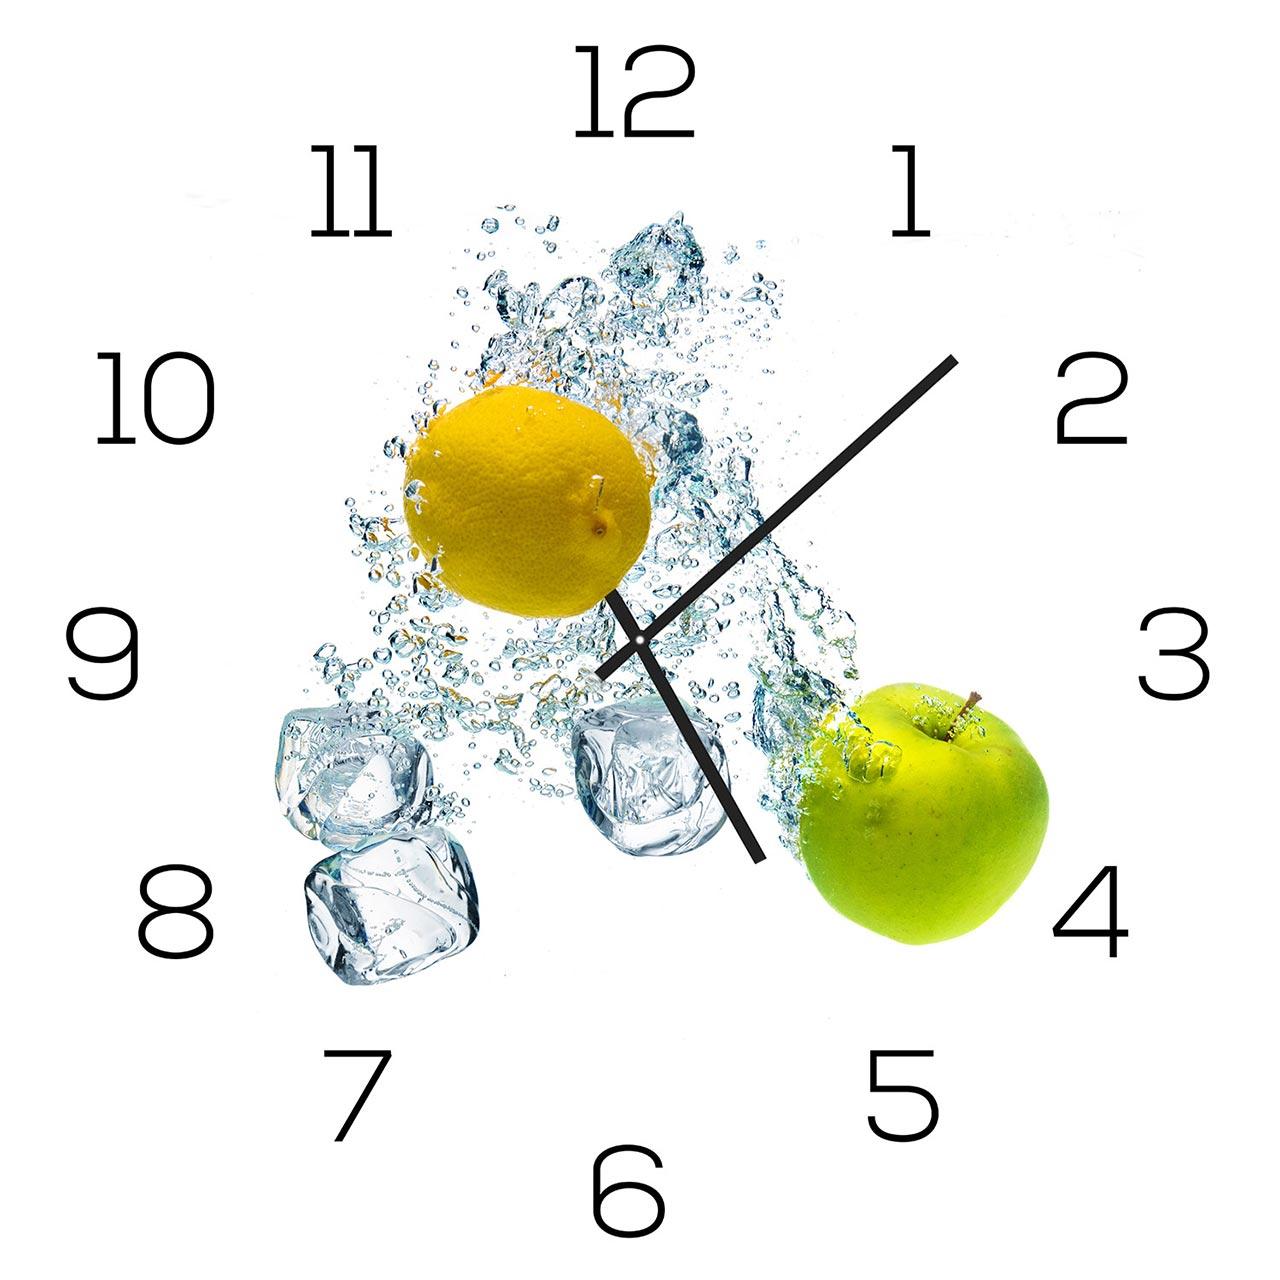 Full Size of Küchen Glasbilder Wanduhr Aus Glas 30x30cm Uhr Als Glasbild Kche Apfel Zitrone Regal Bad Küche Wohnzimmer Küchen Glasbilder